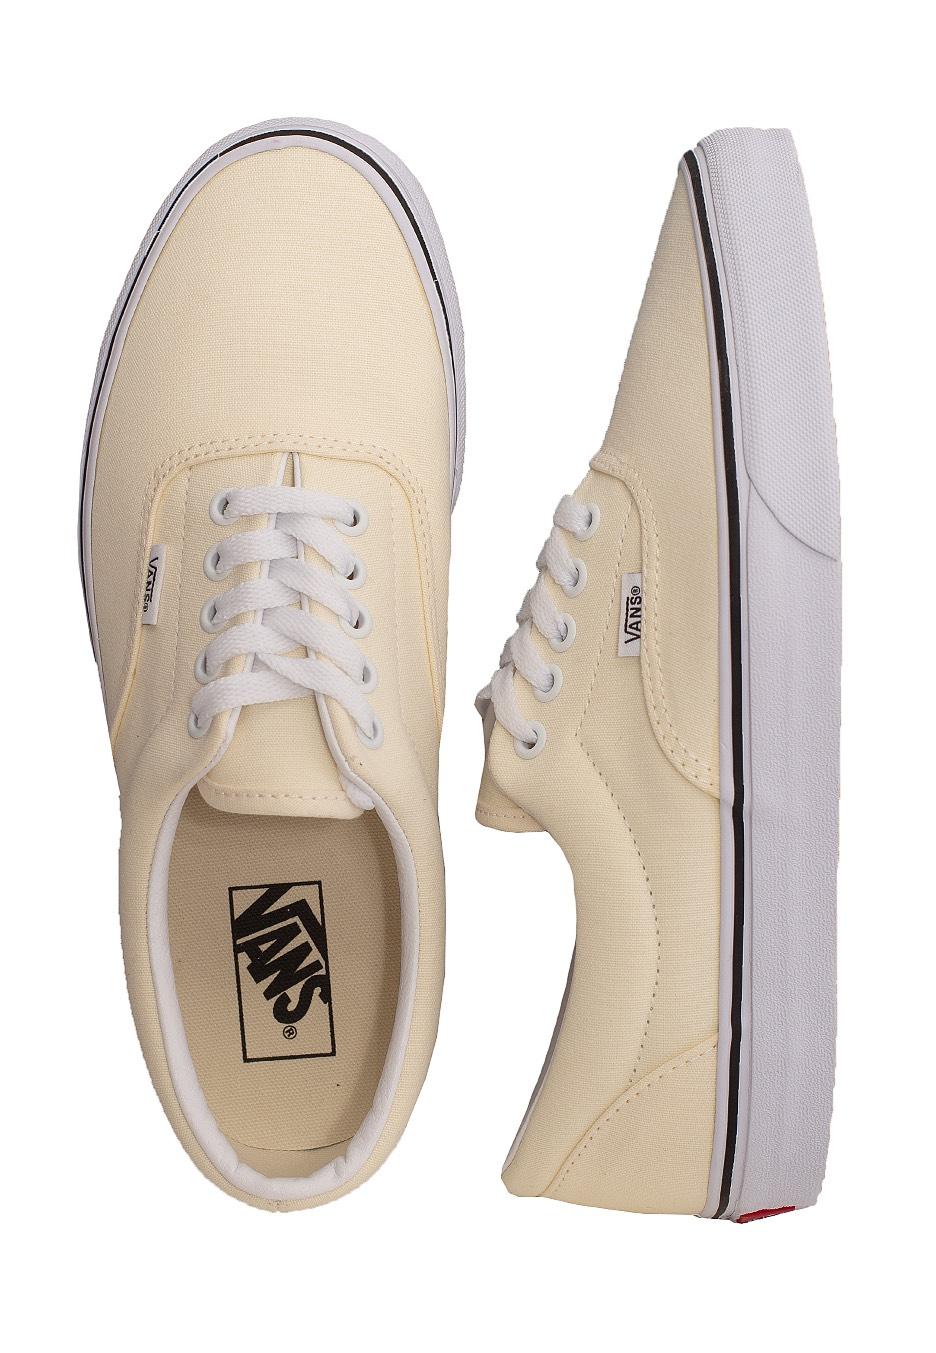 Vans - Era Classic White/True White